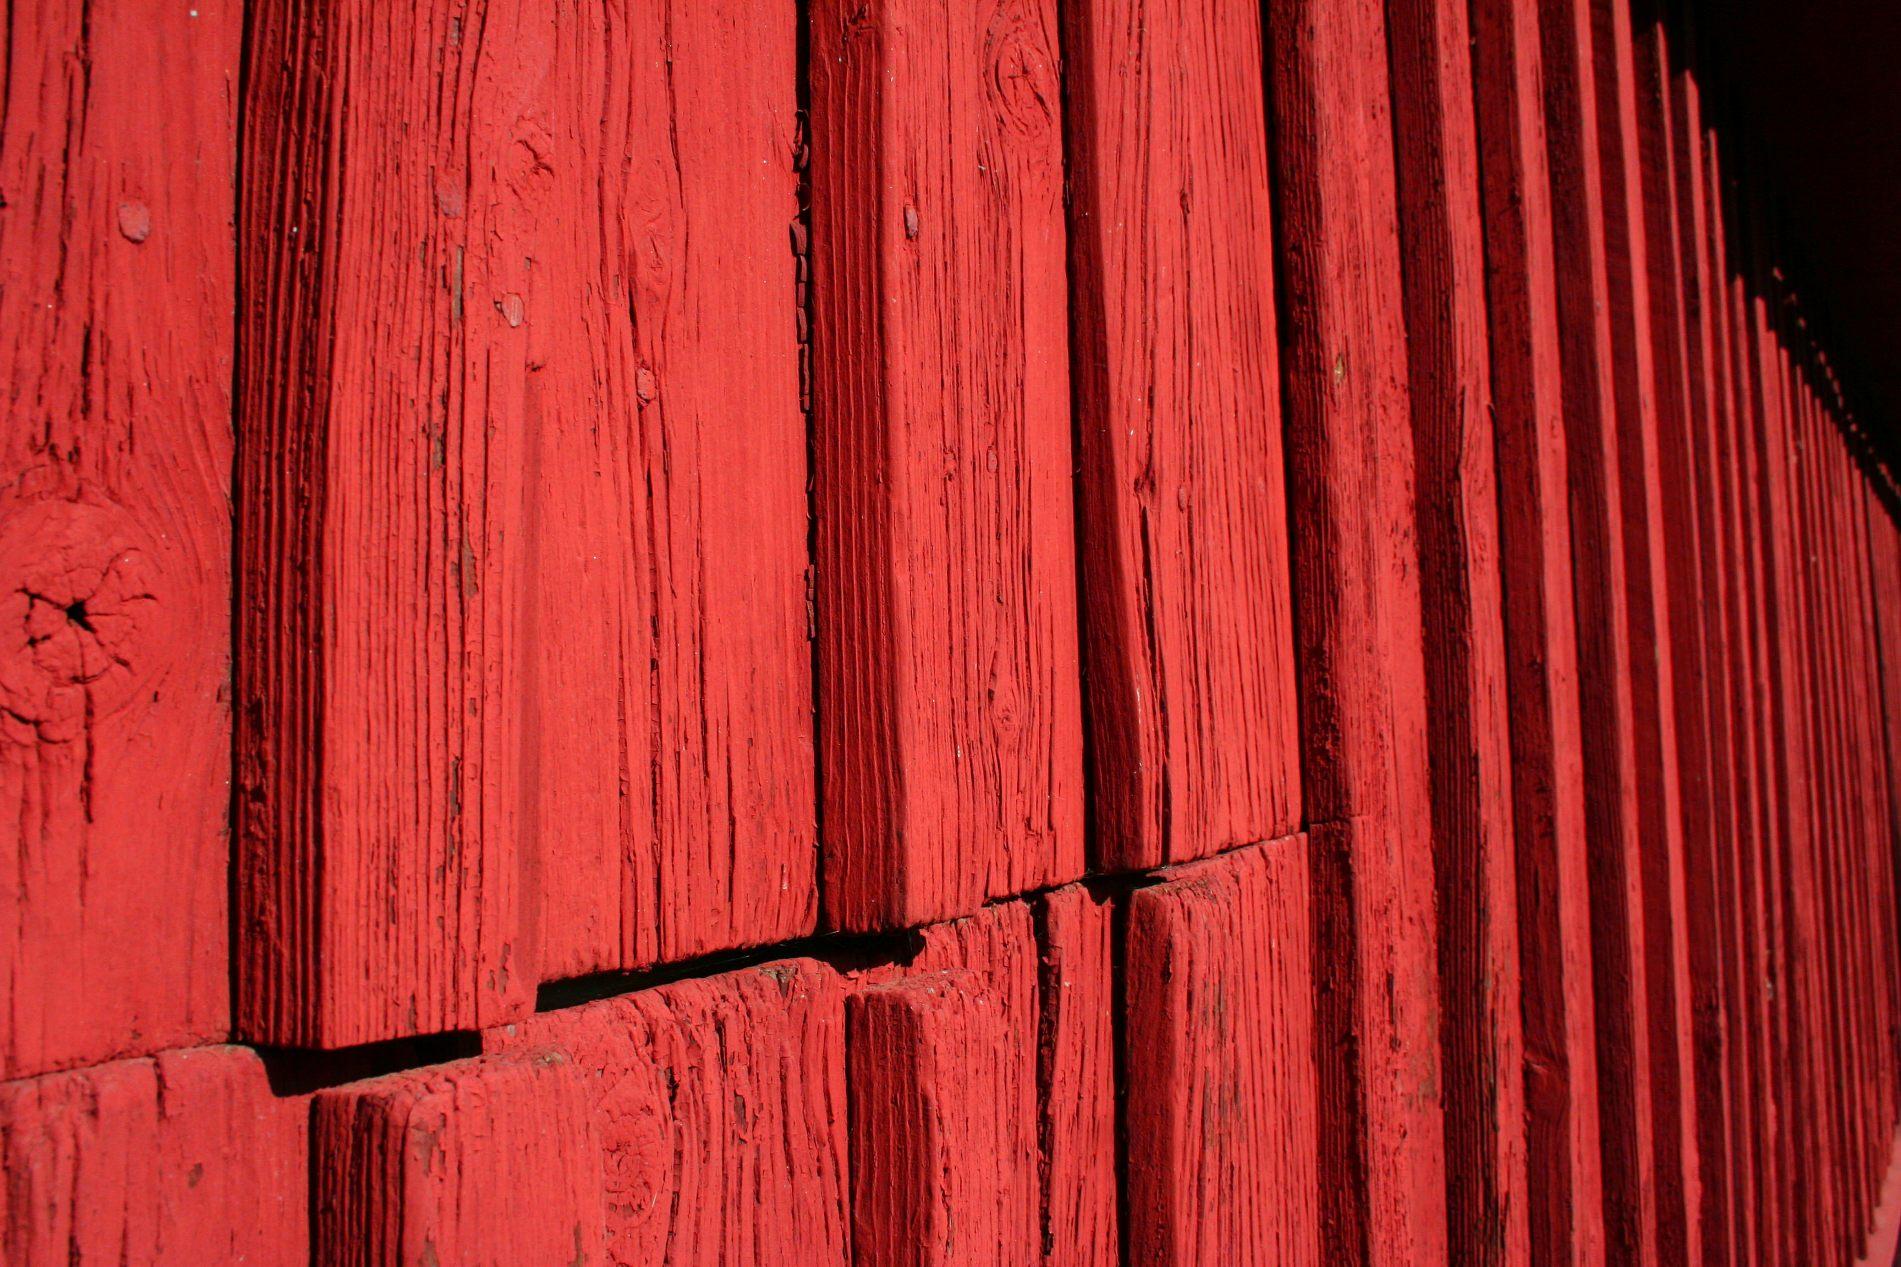 Eine rote Wand eines typisch schwedischen Häuschens